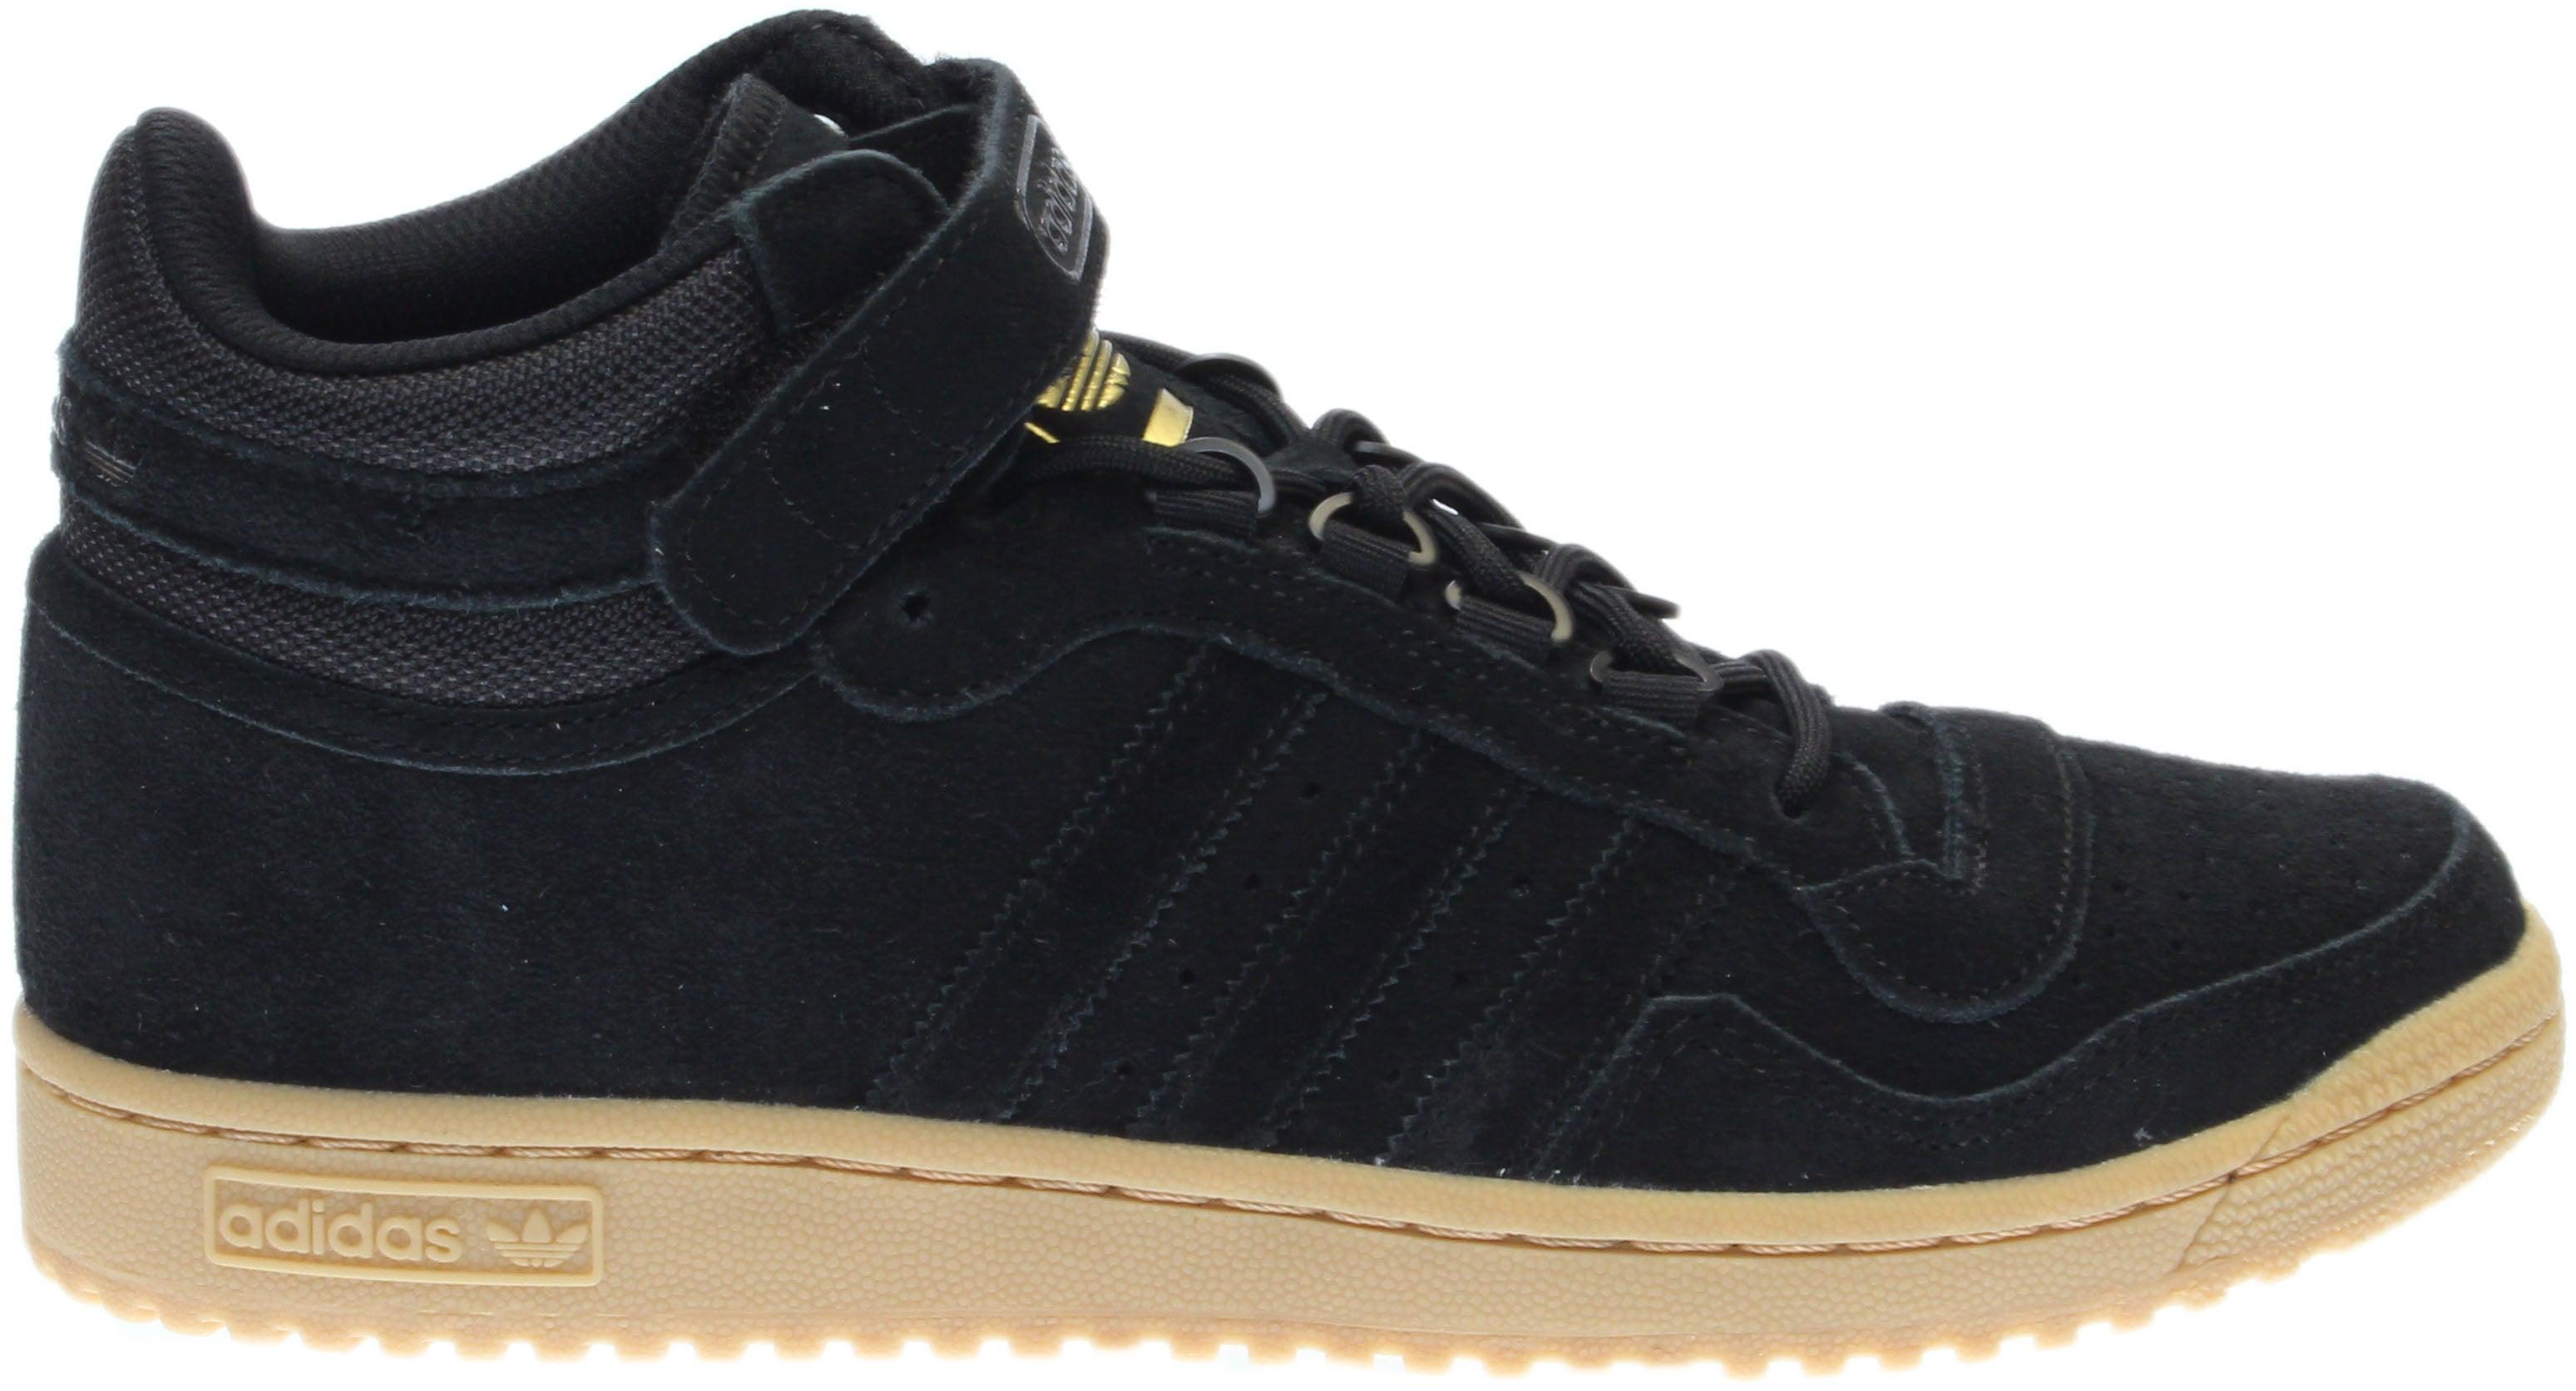 Adidas Originals Concord II BW0587 Mens Mid Top Shoes Bk